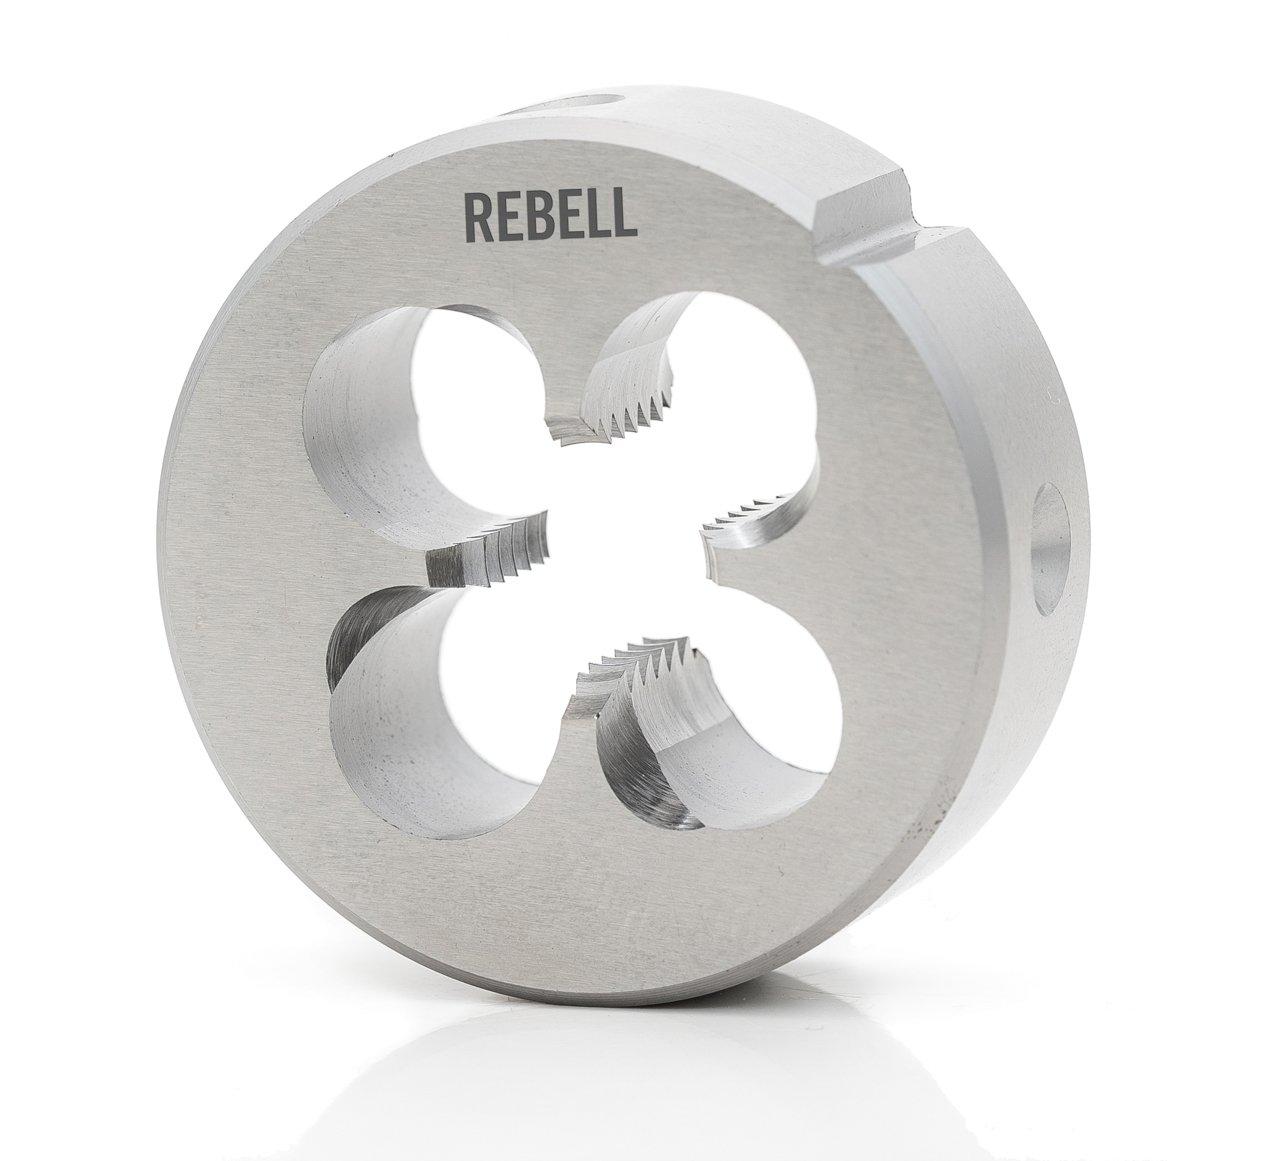 REBELL Schneideisen BSW RH medium HSS - EN 22568 - Typ N